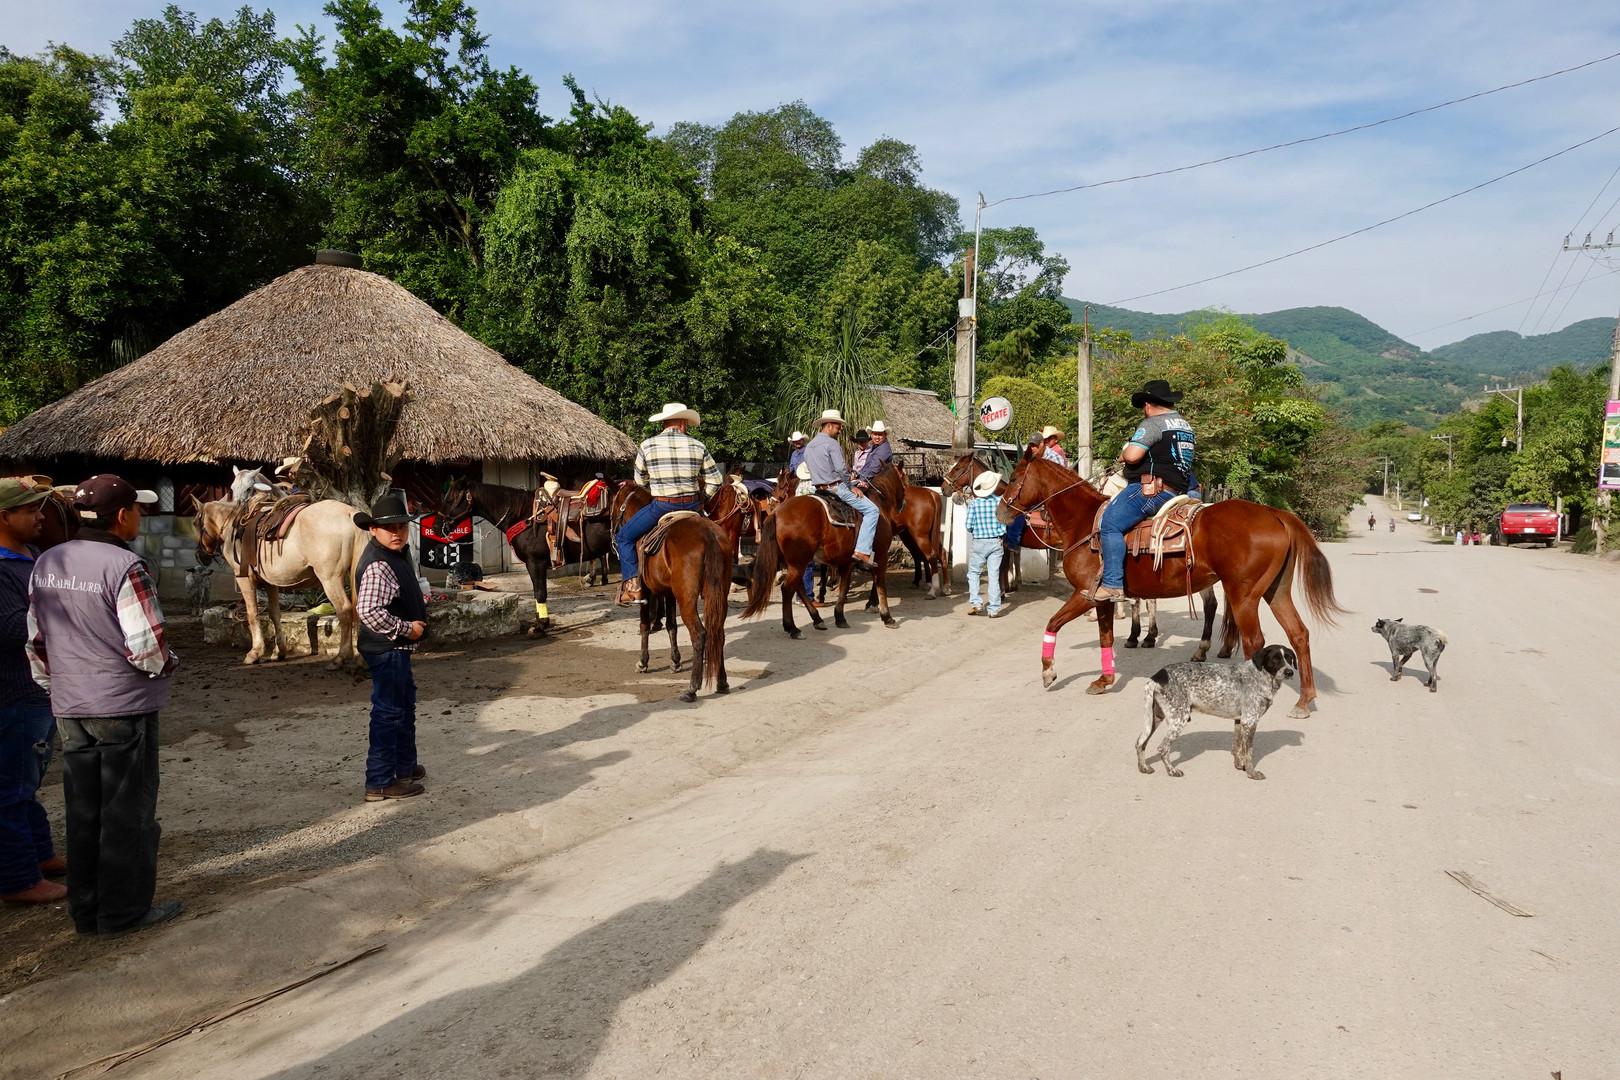 Mexico_Auswahl_Markus - 73 von 802.jpg